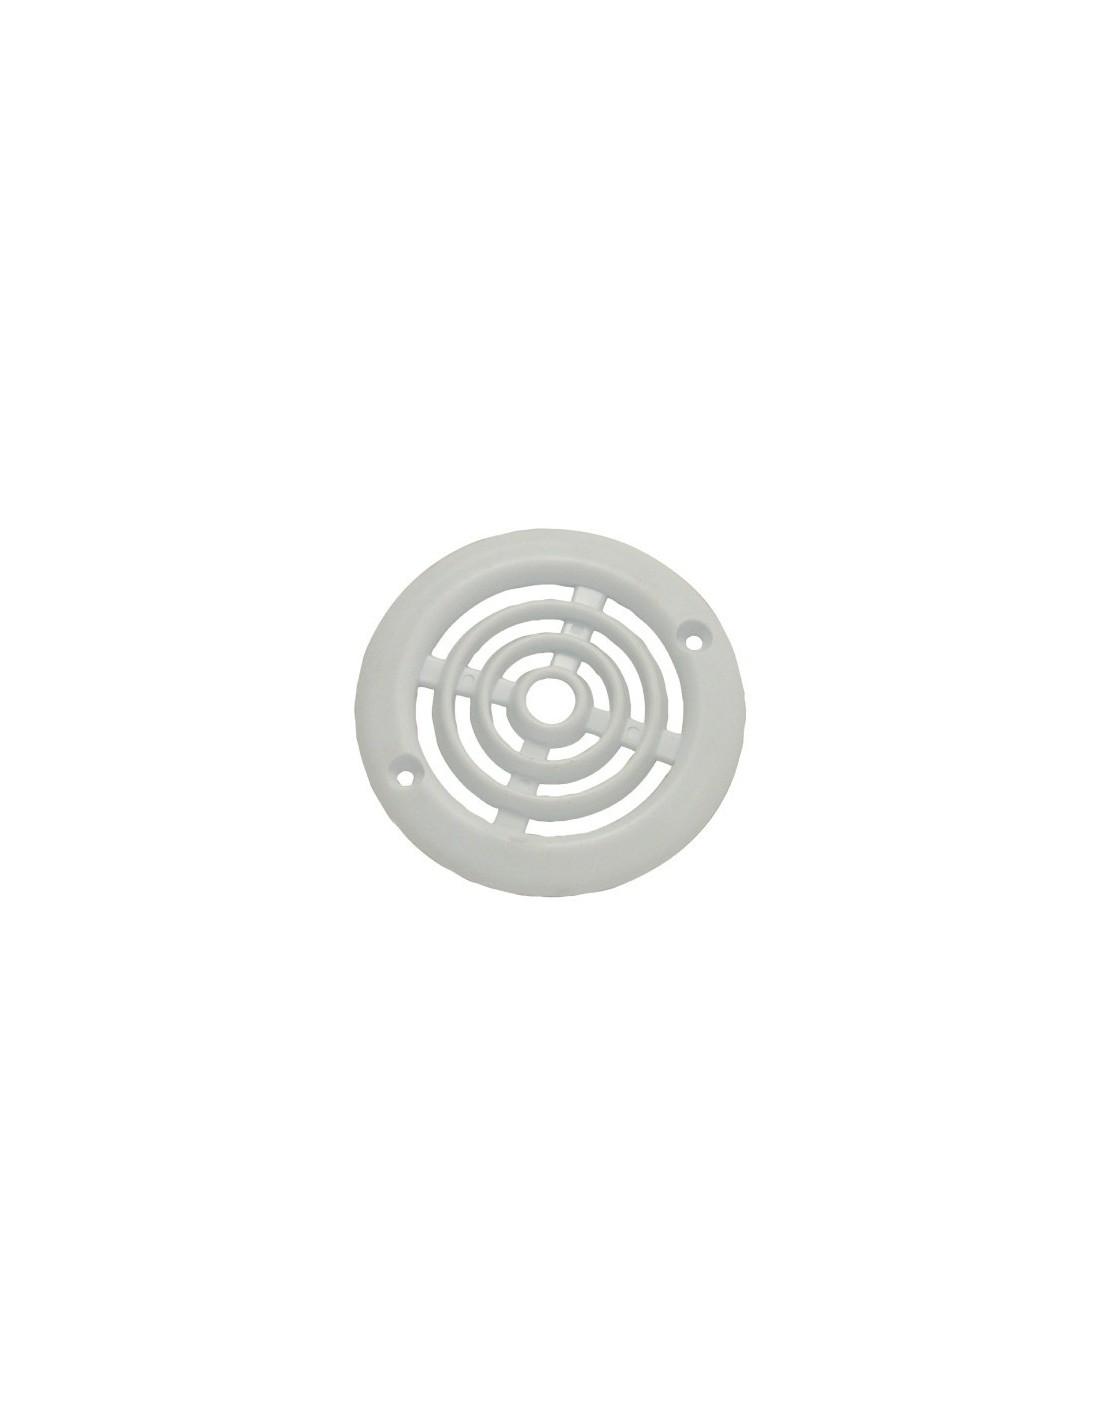 grille plastique en applique pour contre cloison de menuiserie vg 64. Black Bedroom Furniture Sets. Home Design Ideas